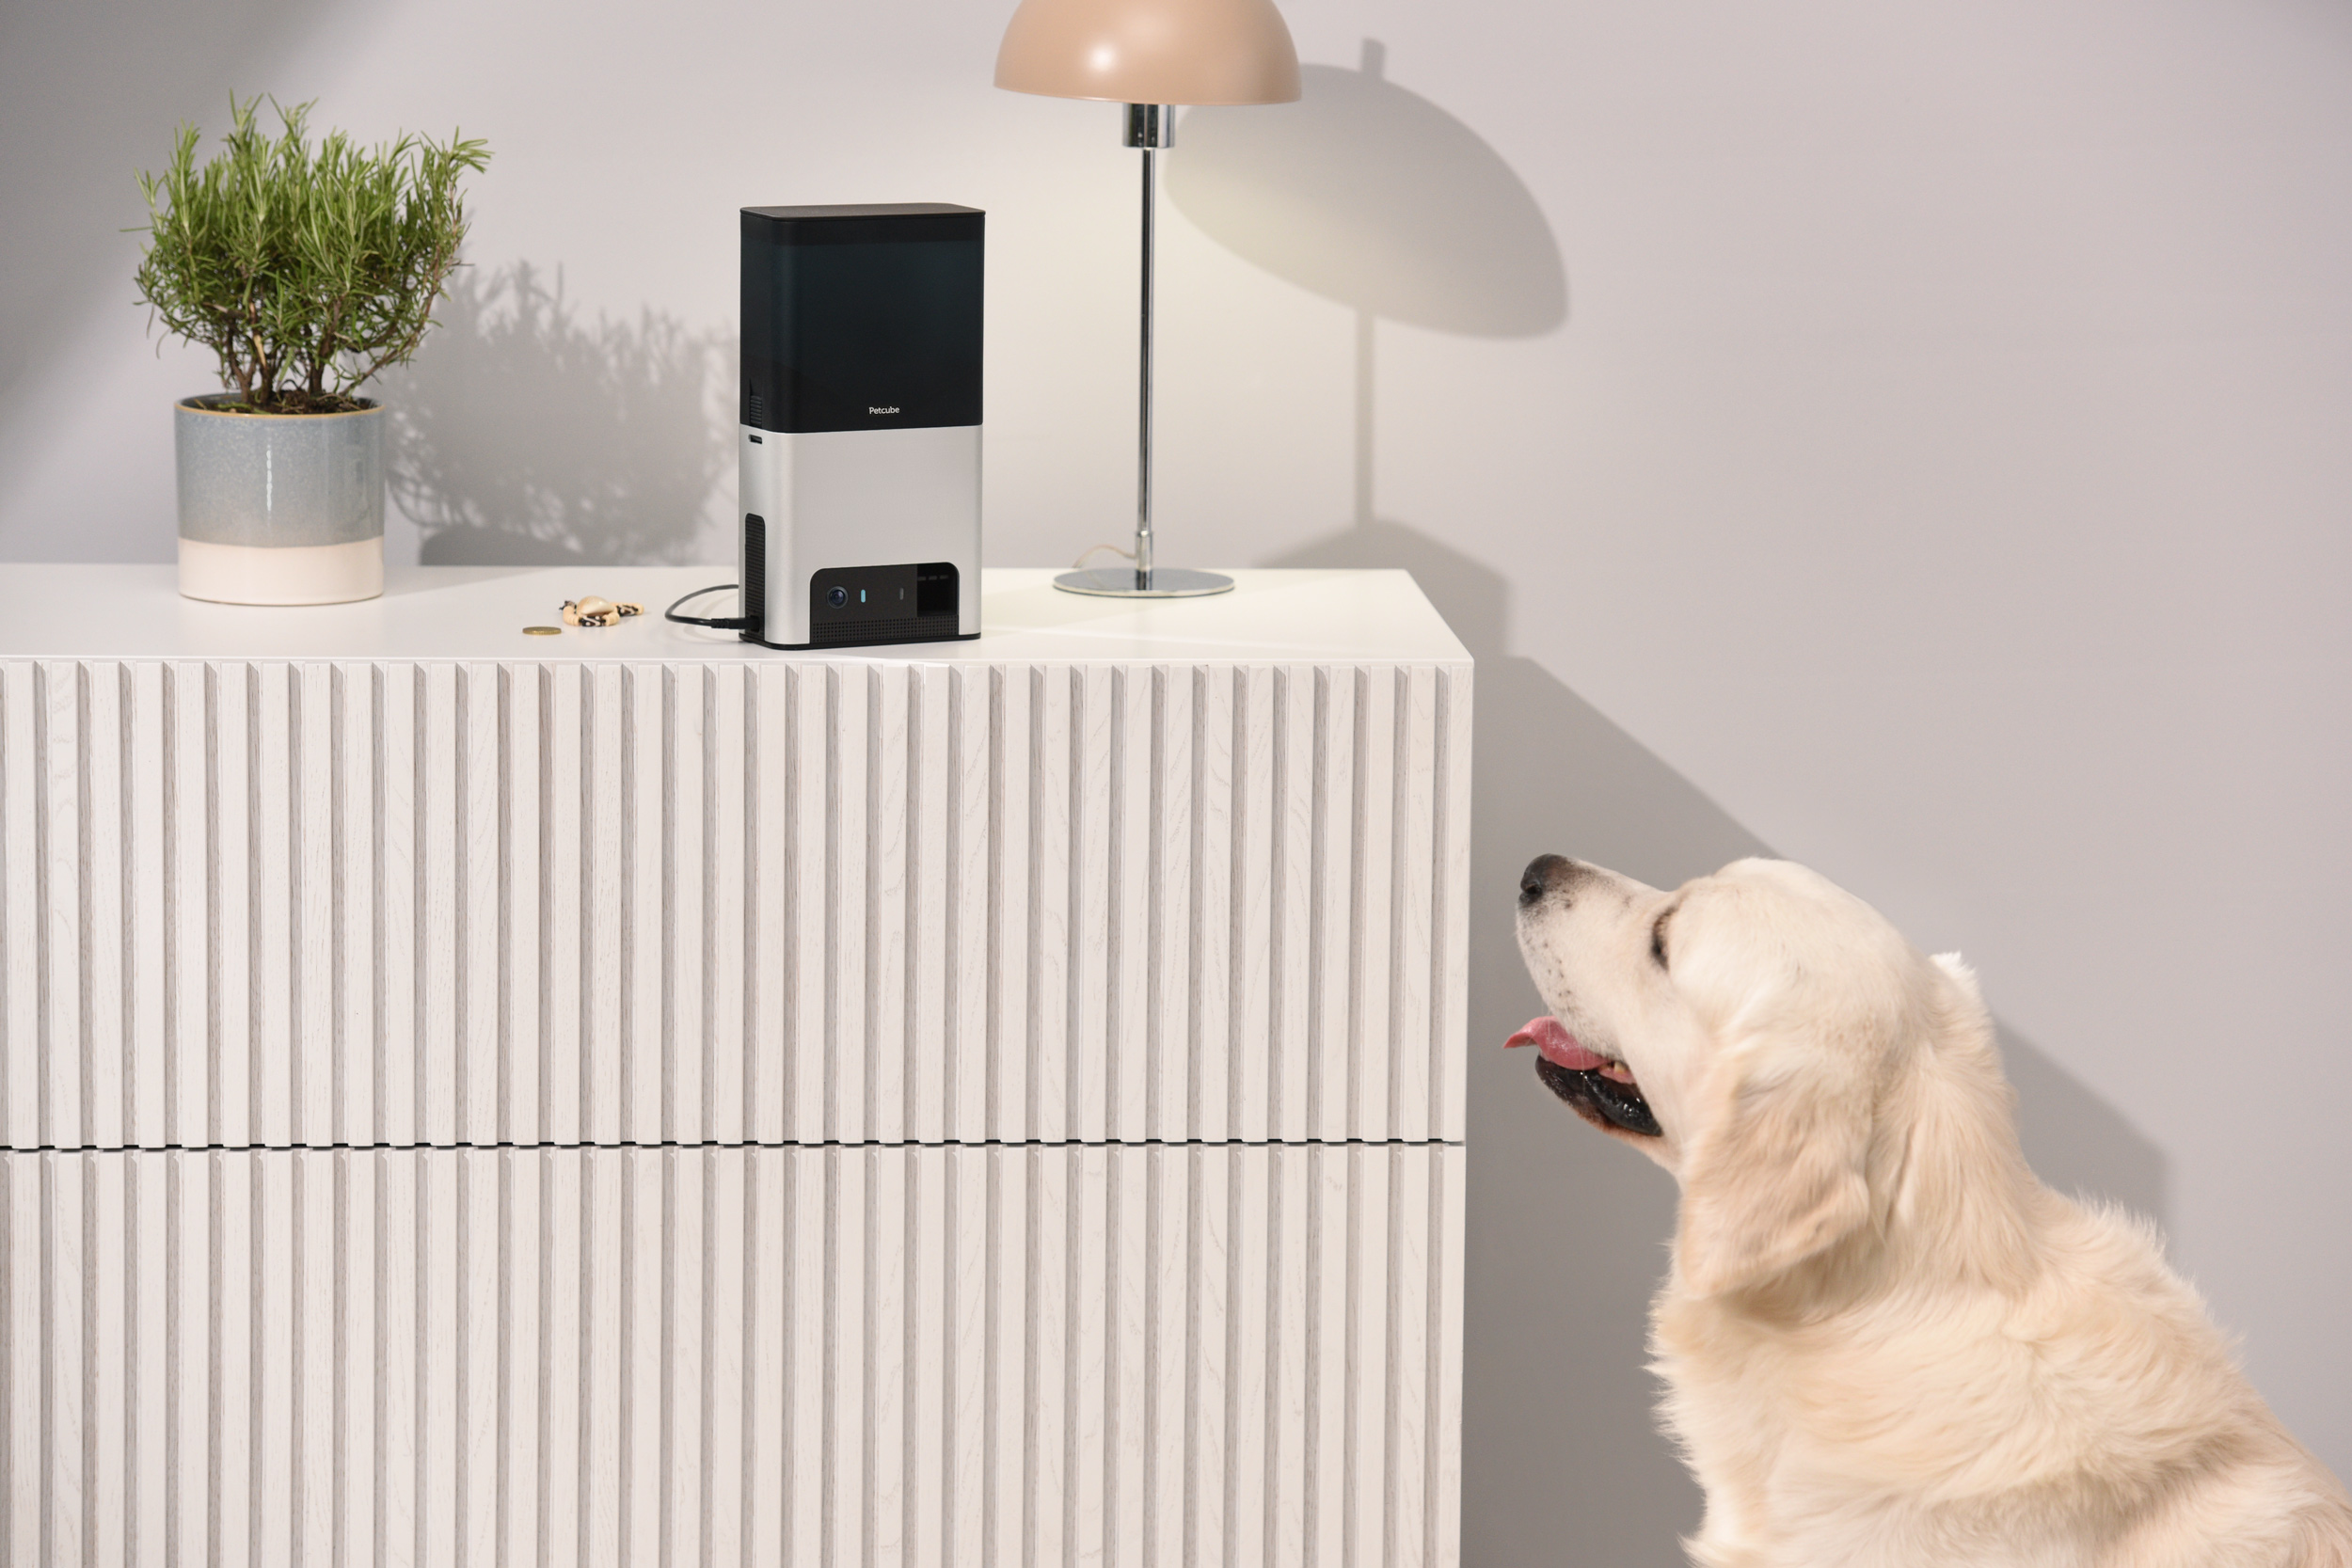 alexa fonctionne avec petcube 2 pour tenir compagnie, occuper et surveiller son chien lorsqu'on est en dehors